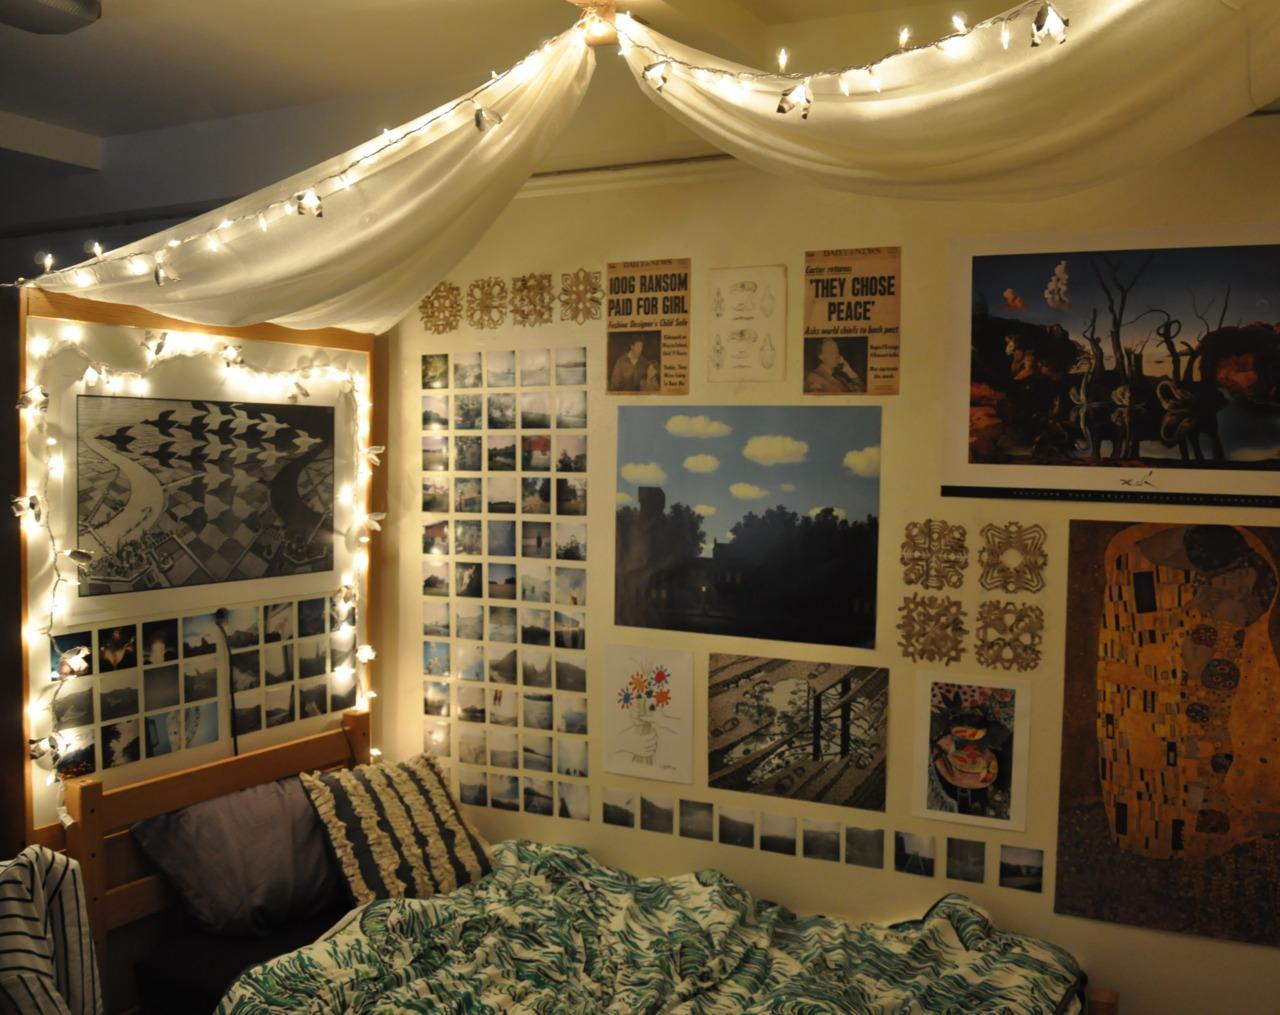 Dorm Rooms Beautiful Tv Dorm Rooms That Make Us Wish We Were Back - Dorm room wall decor